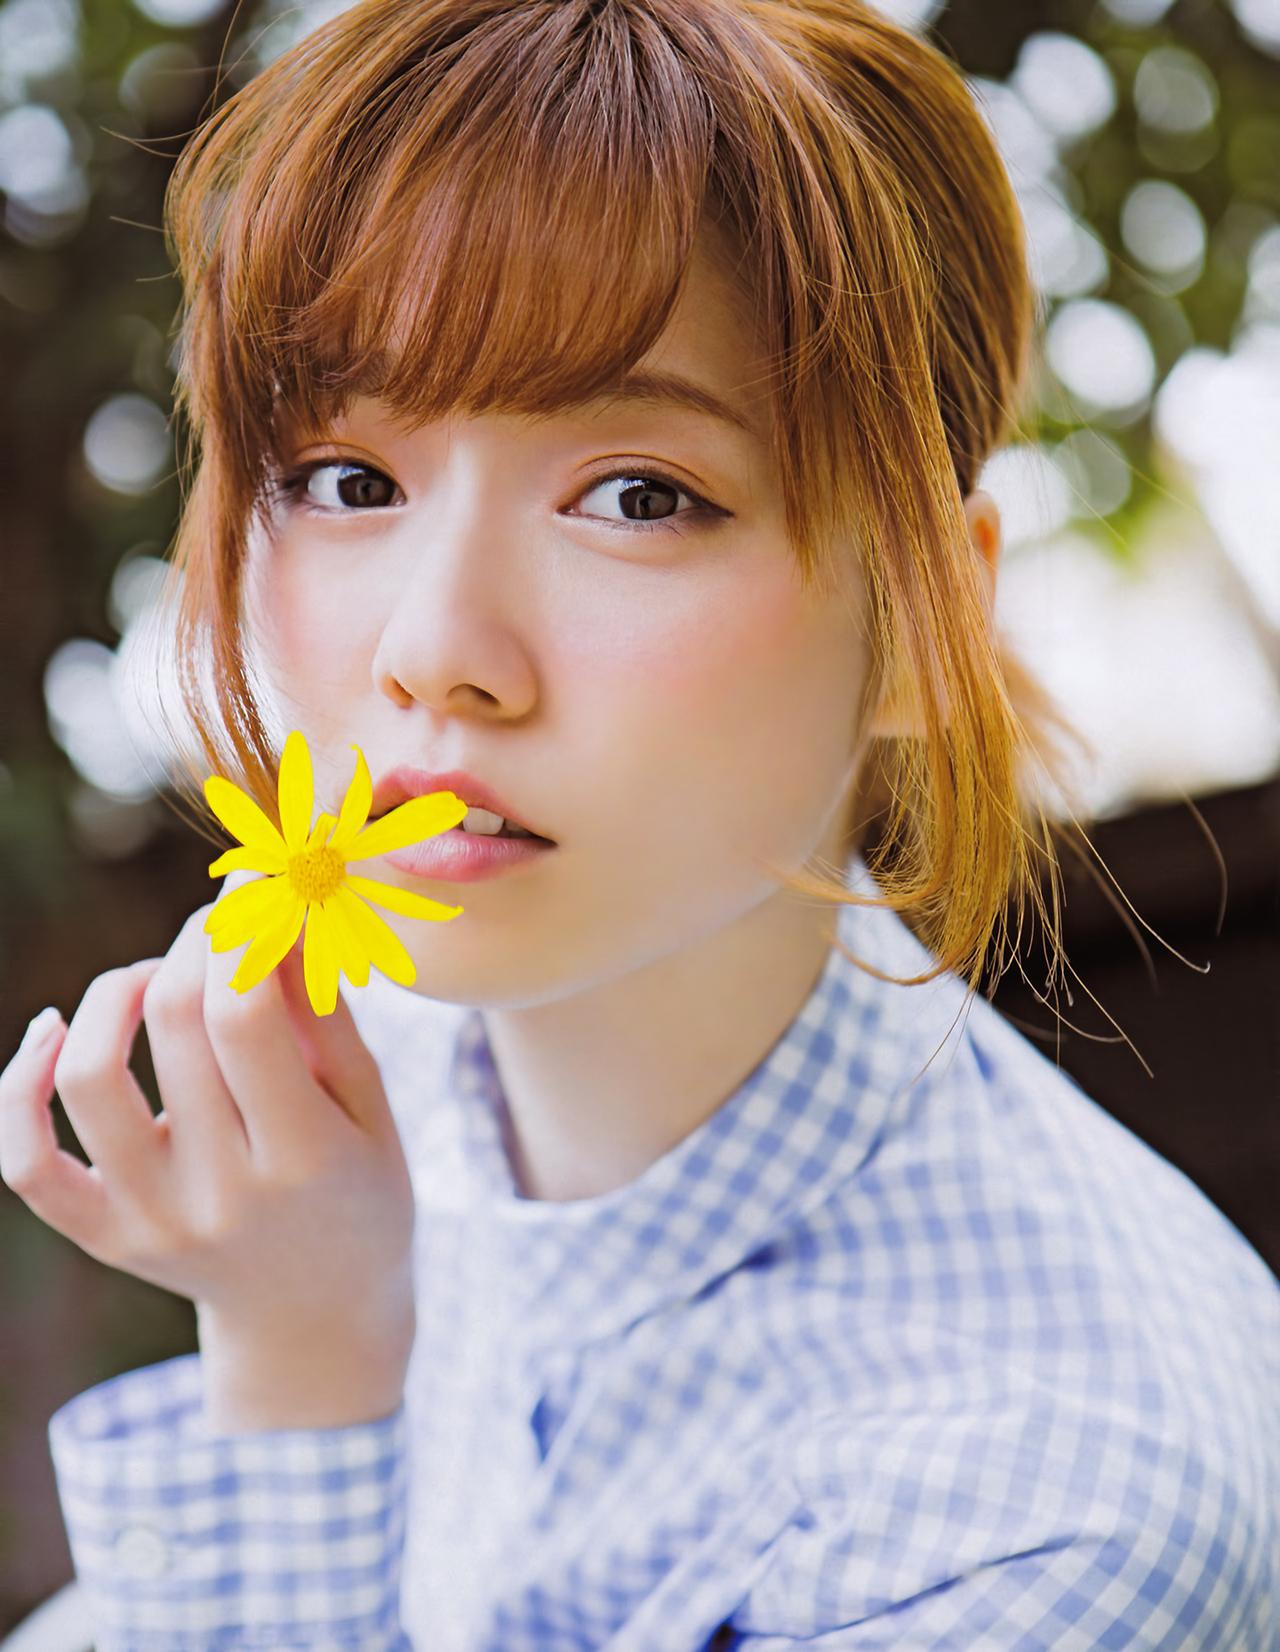 AKB48のメンバー島崎遥香には弟がいた!!弟には神対応だった!?のサムネイル画像